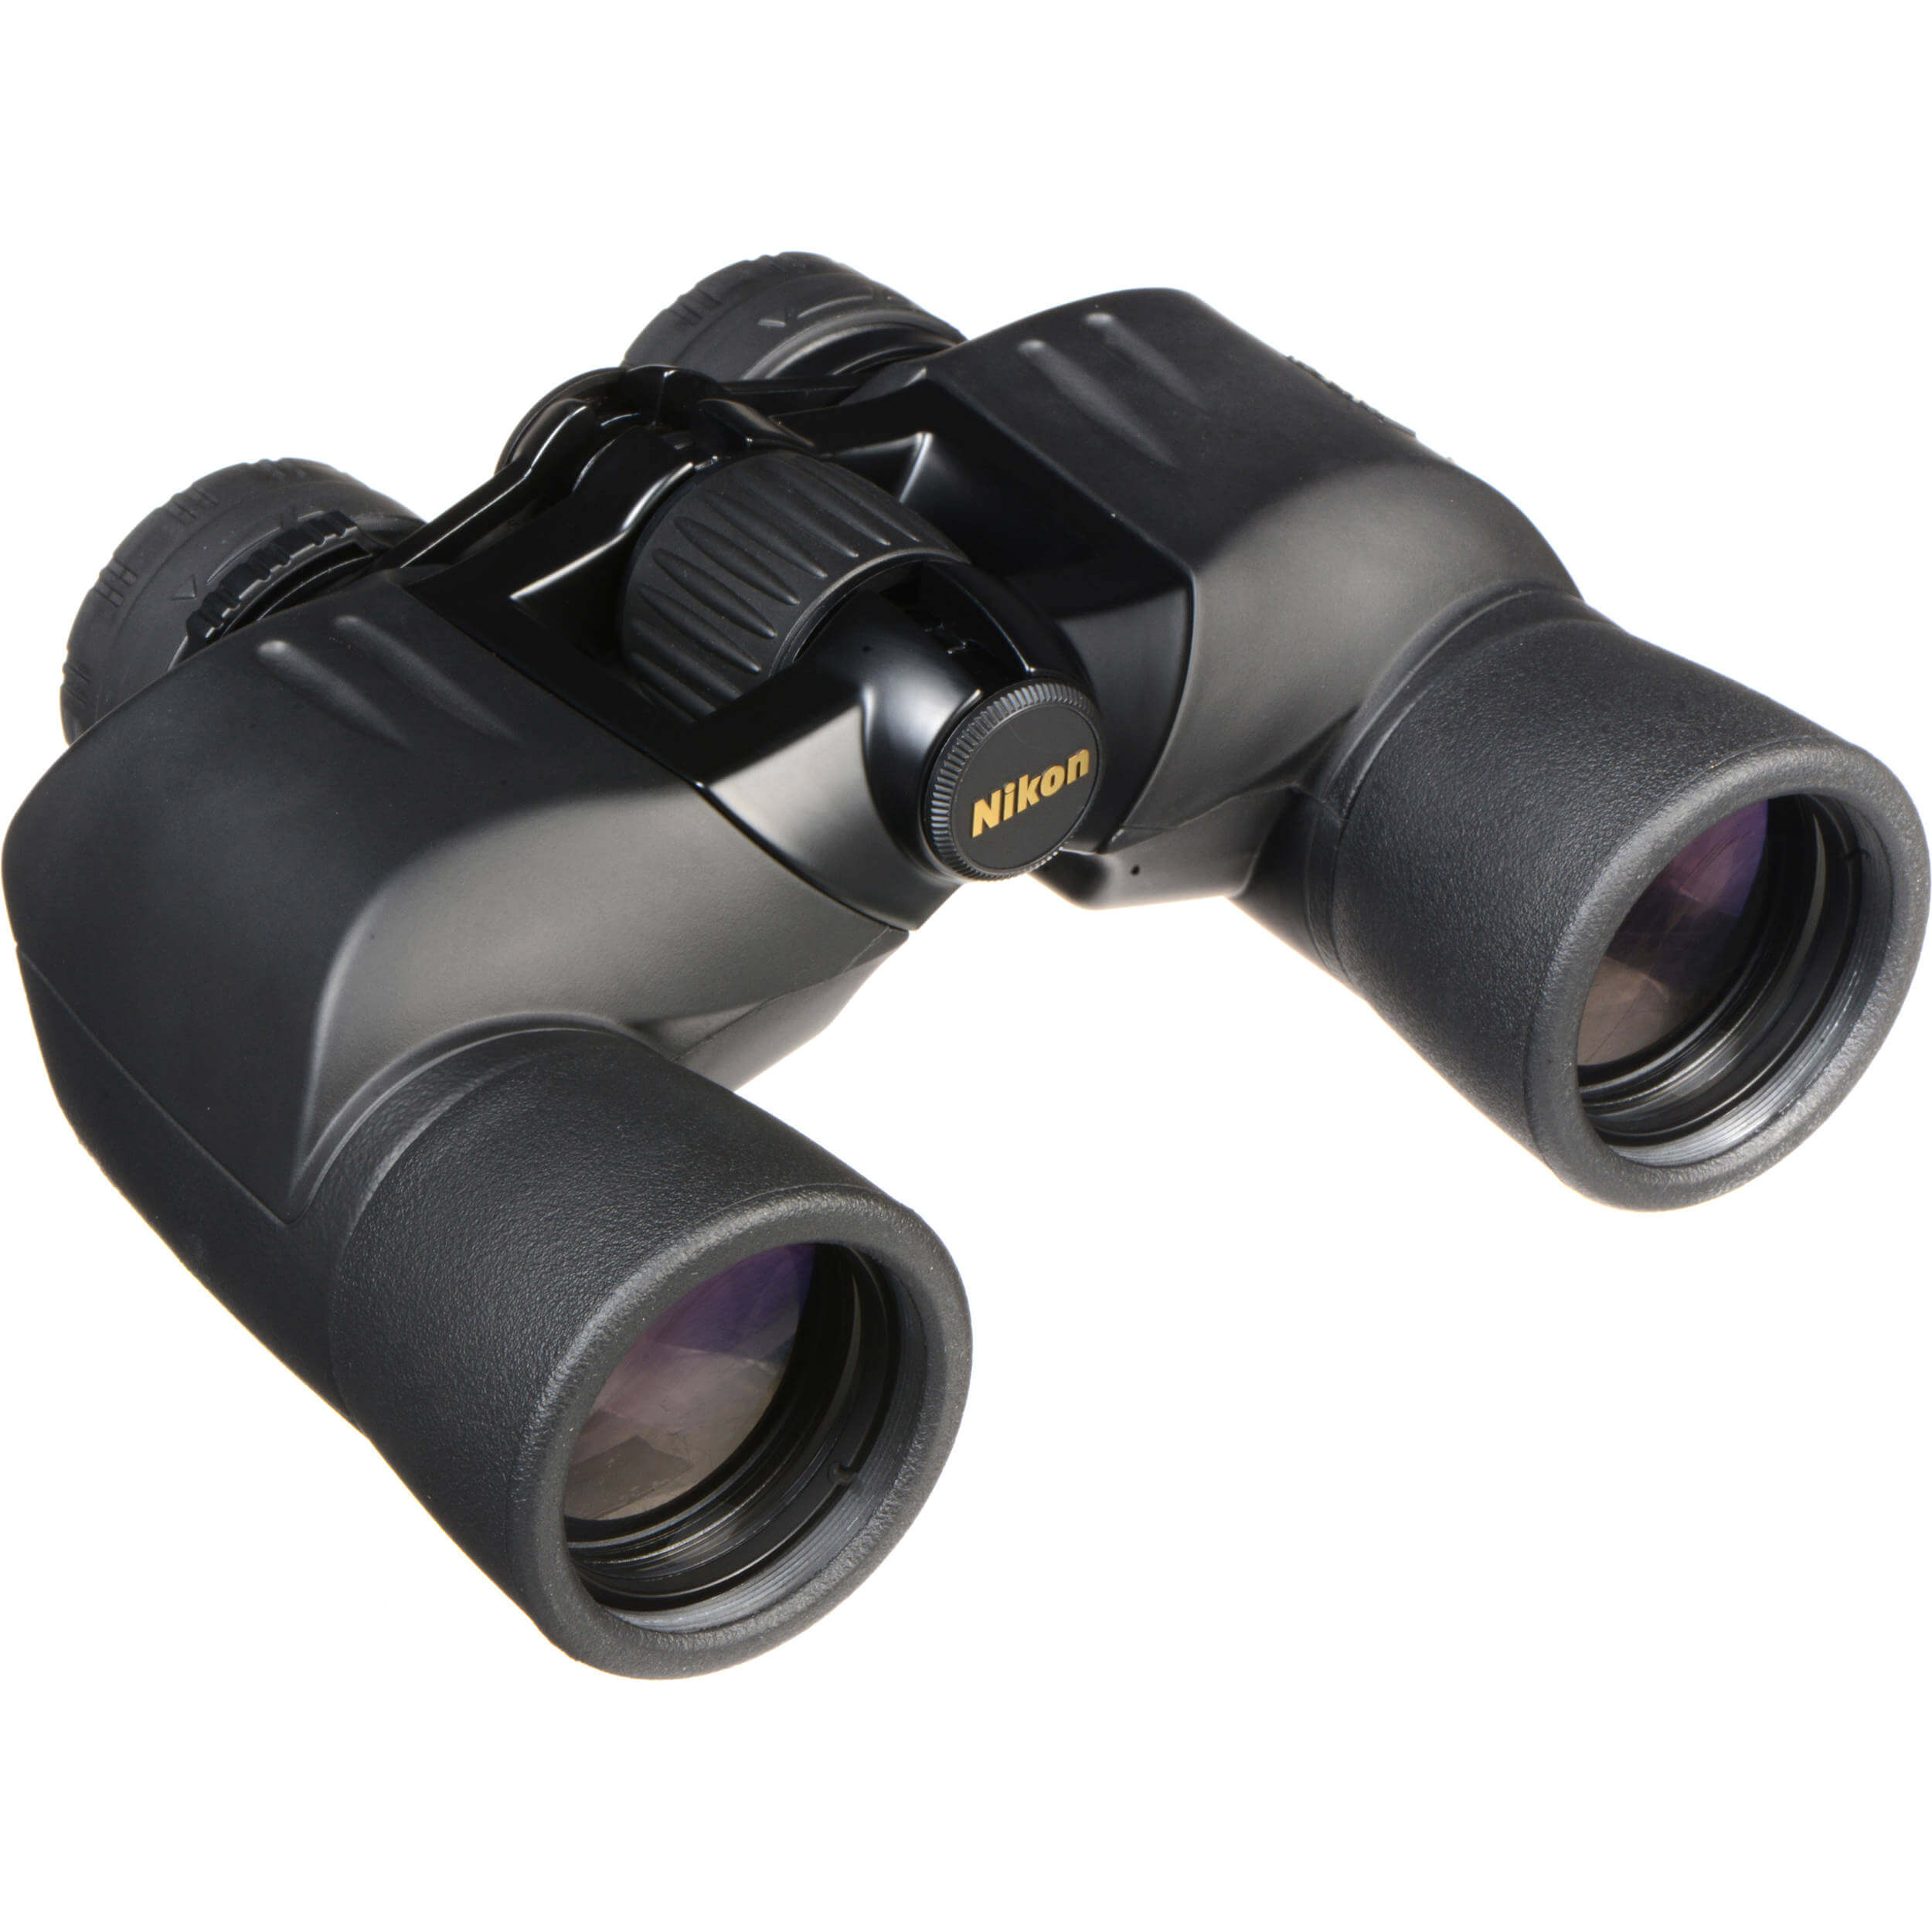 Nikon 8x40 Action Extreme